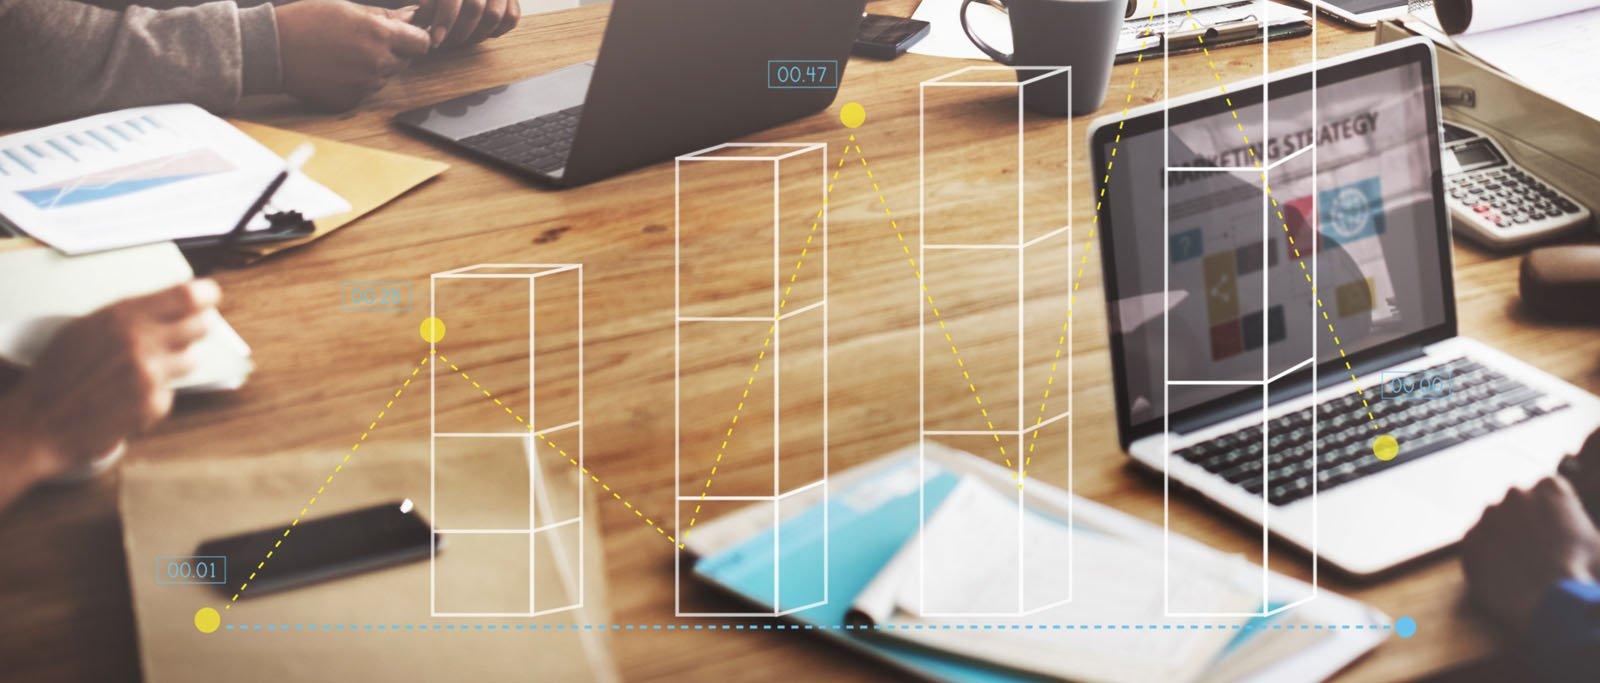 Métricas de vendas: quais erros prejudicam a análise de dados?